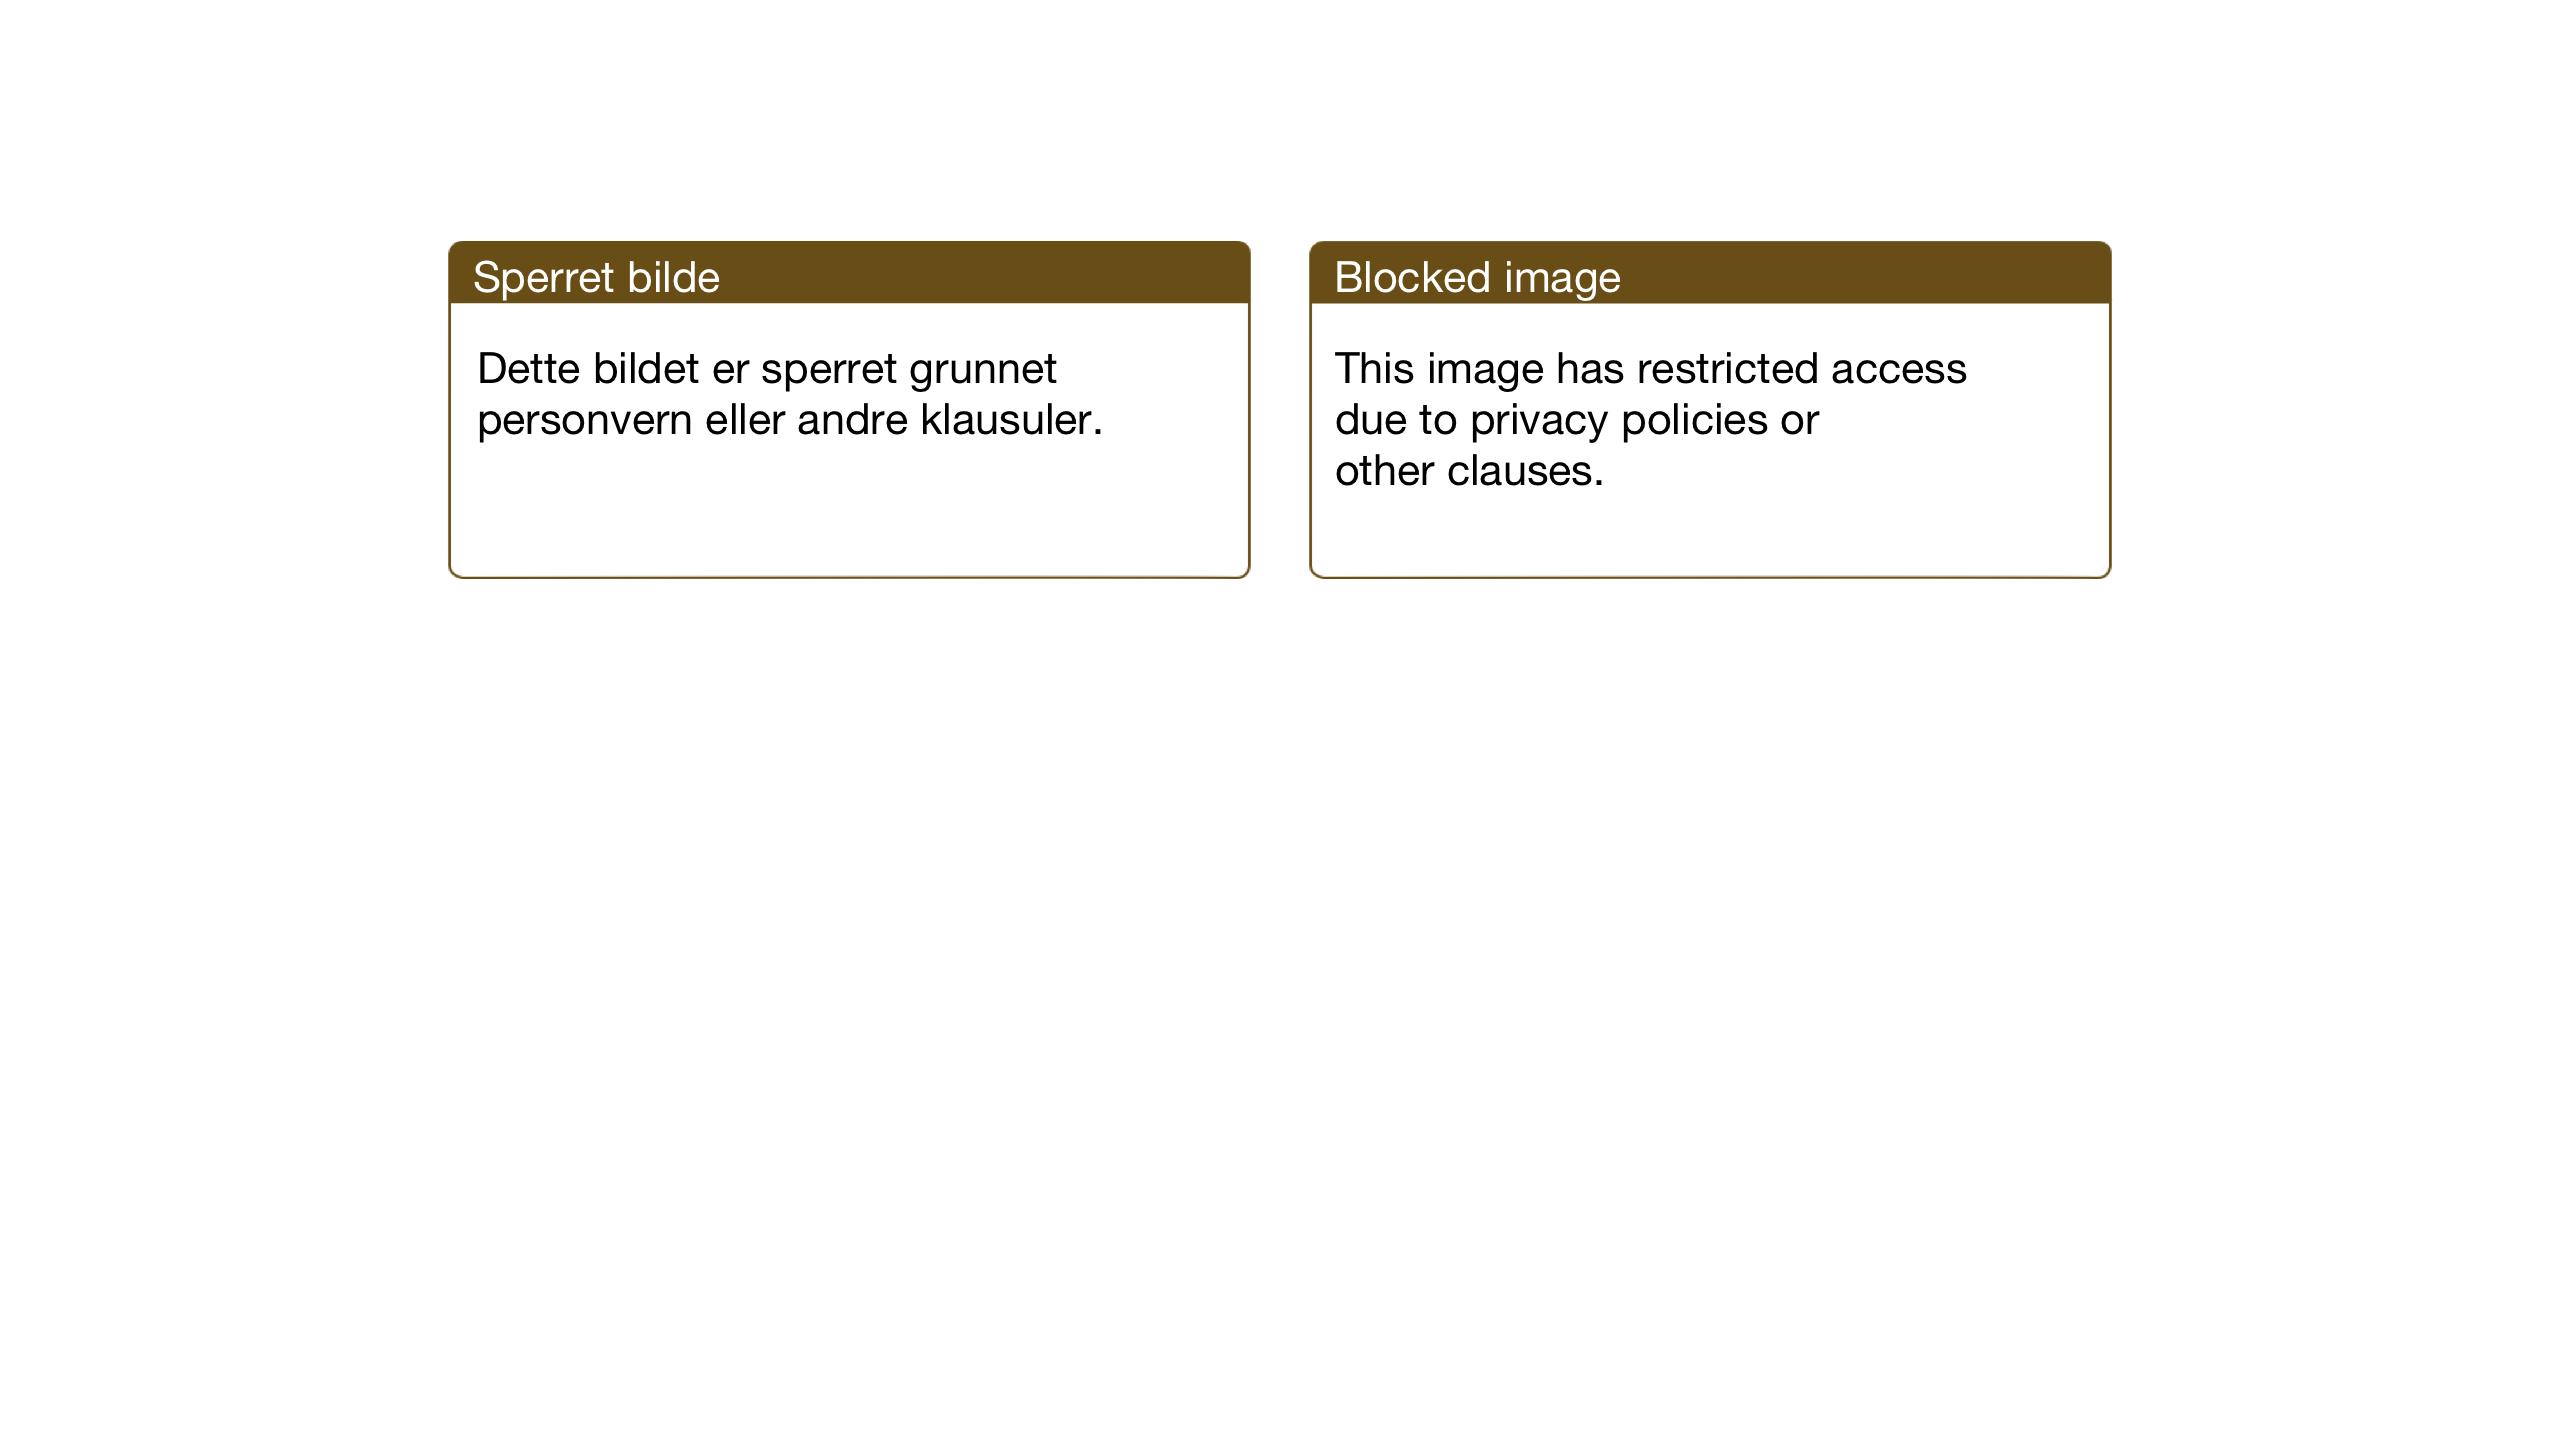 SAT, Ministerialprotokoller, klokkerbøker og fødselsregistre - Sør-Trøndelag, 657/L0718: Klokkerbok nr. 657C05, 1923-1948, s. 191